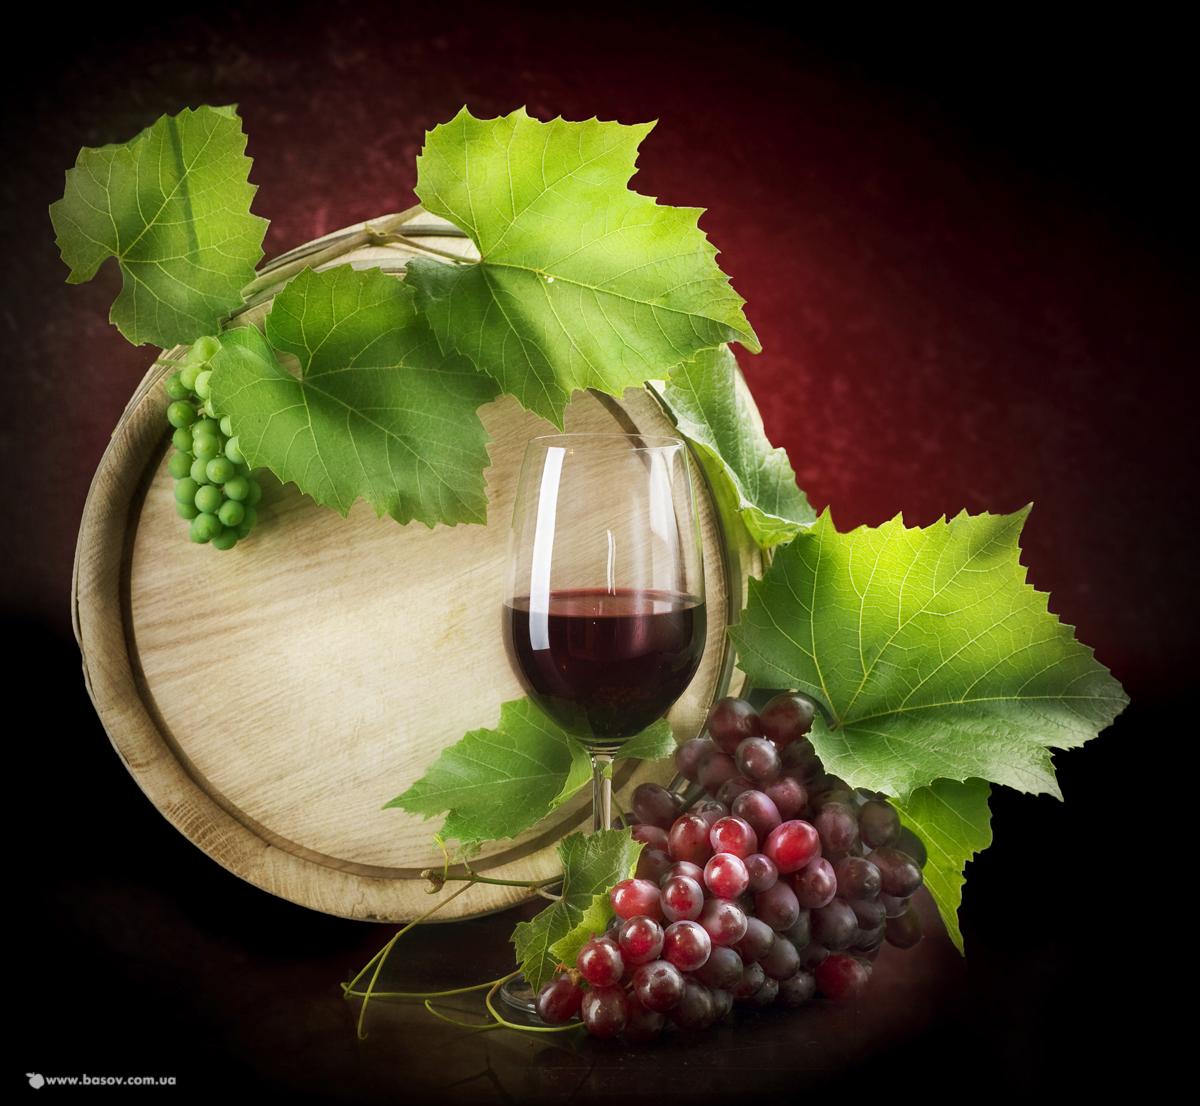 виноград, вино, бочка с вином, скачать фото, обои для рабочего стола